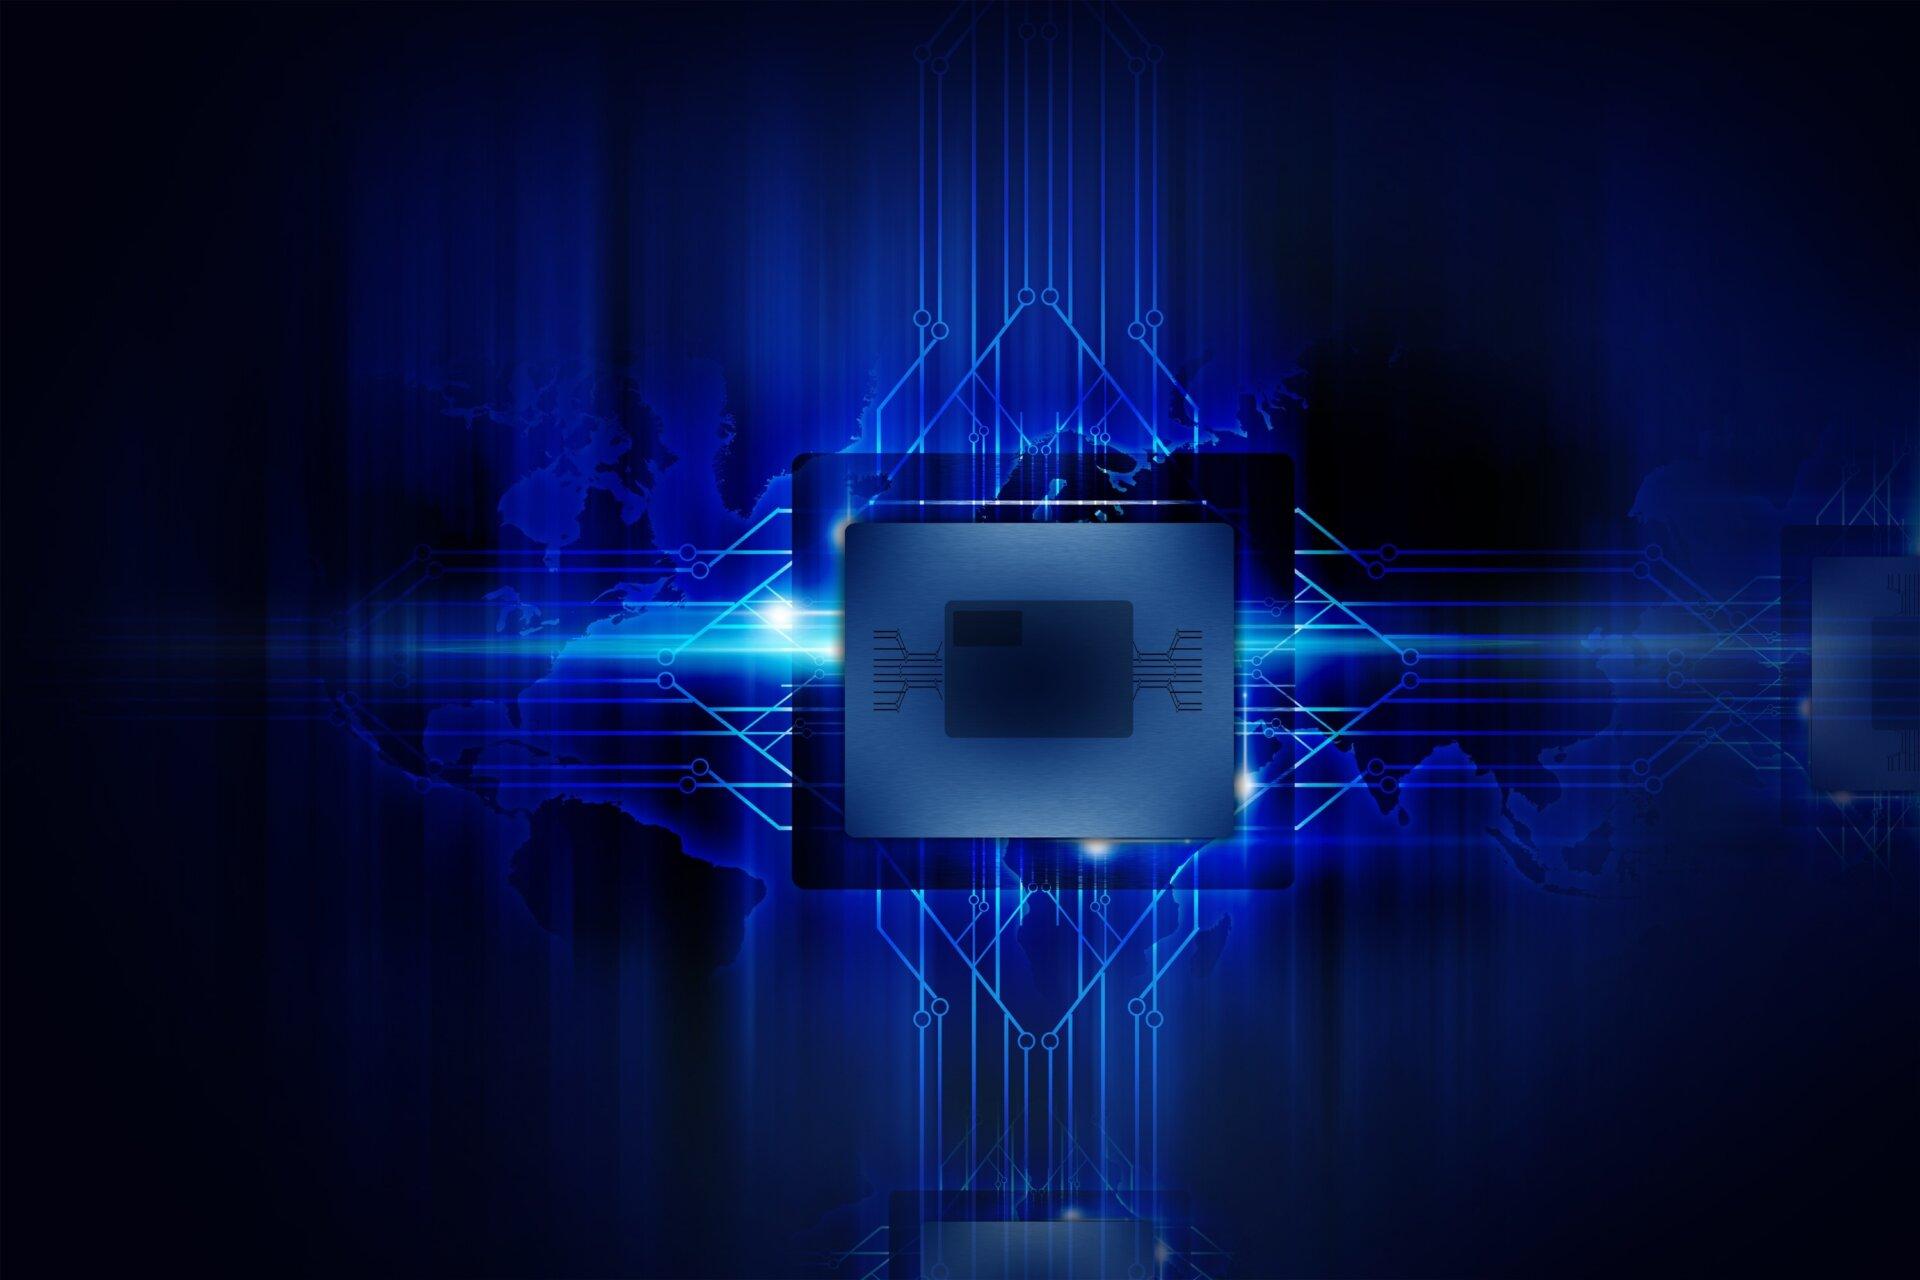 日銀がついに量子金融システムへ転換!トランプ氏快進撃で日本でも情報開示が進んでいる!?